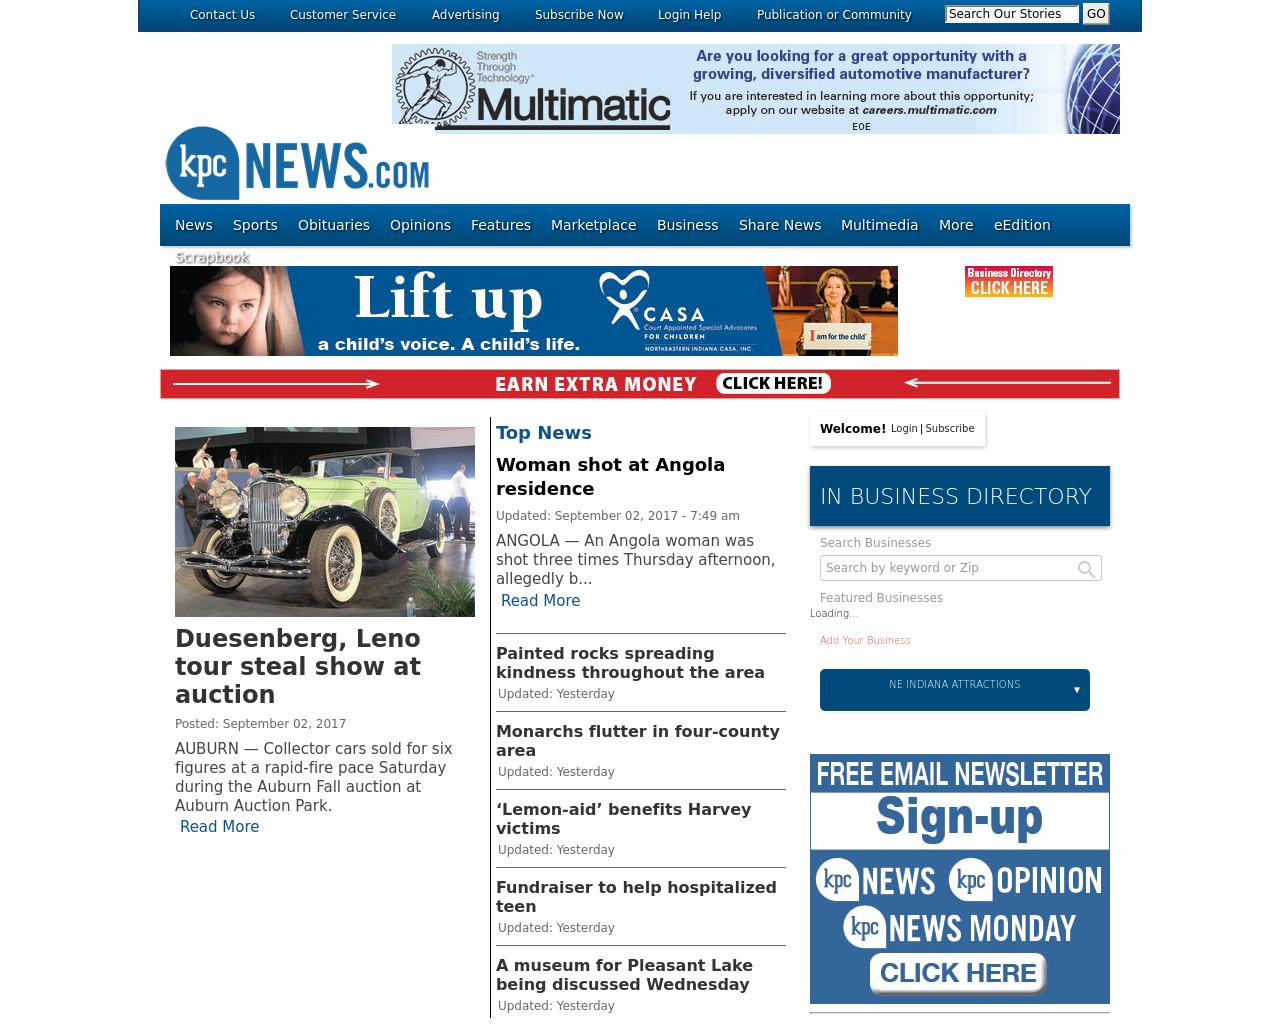 Kpcnews.com-Advertising-Reviews-Pricing